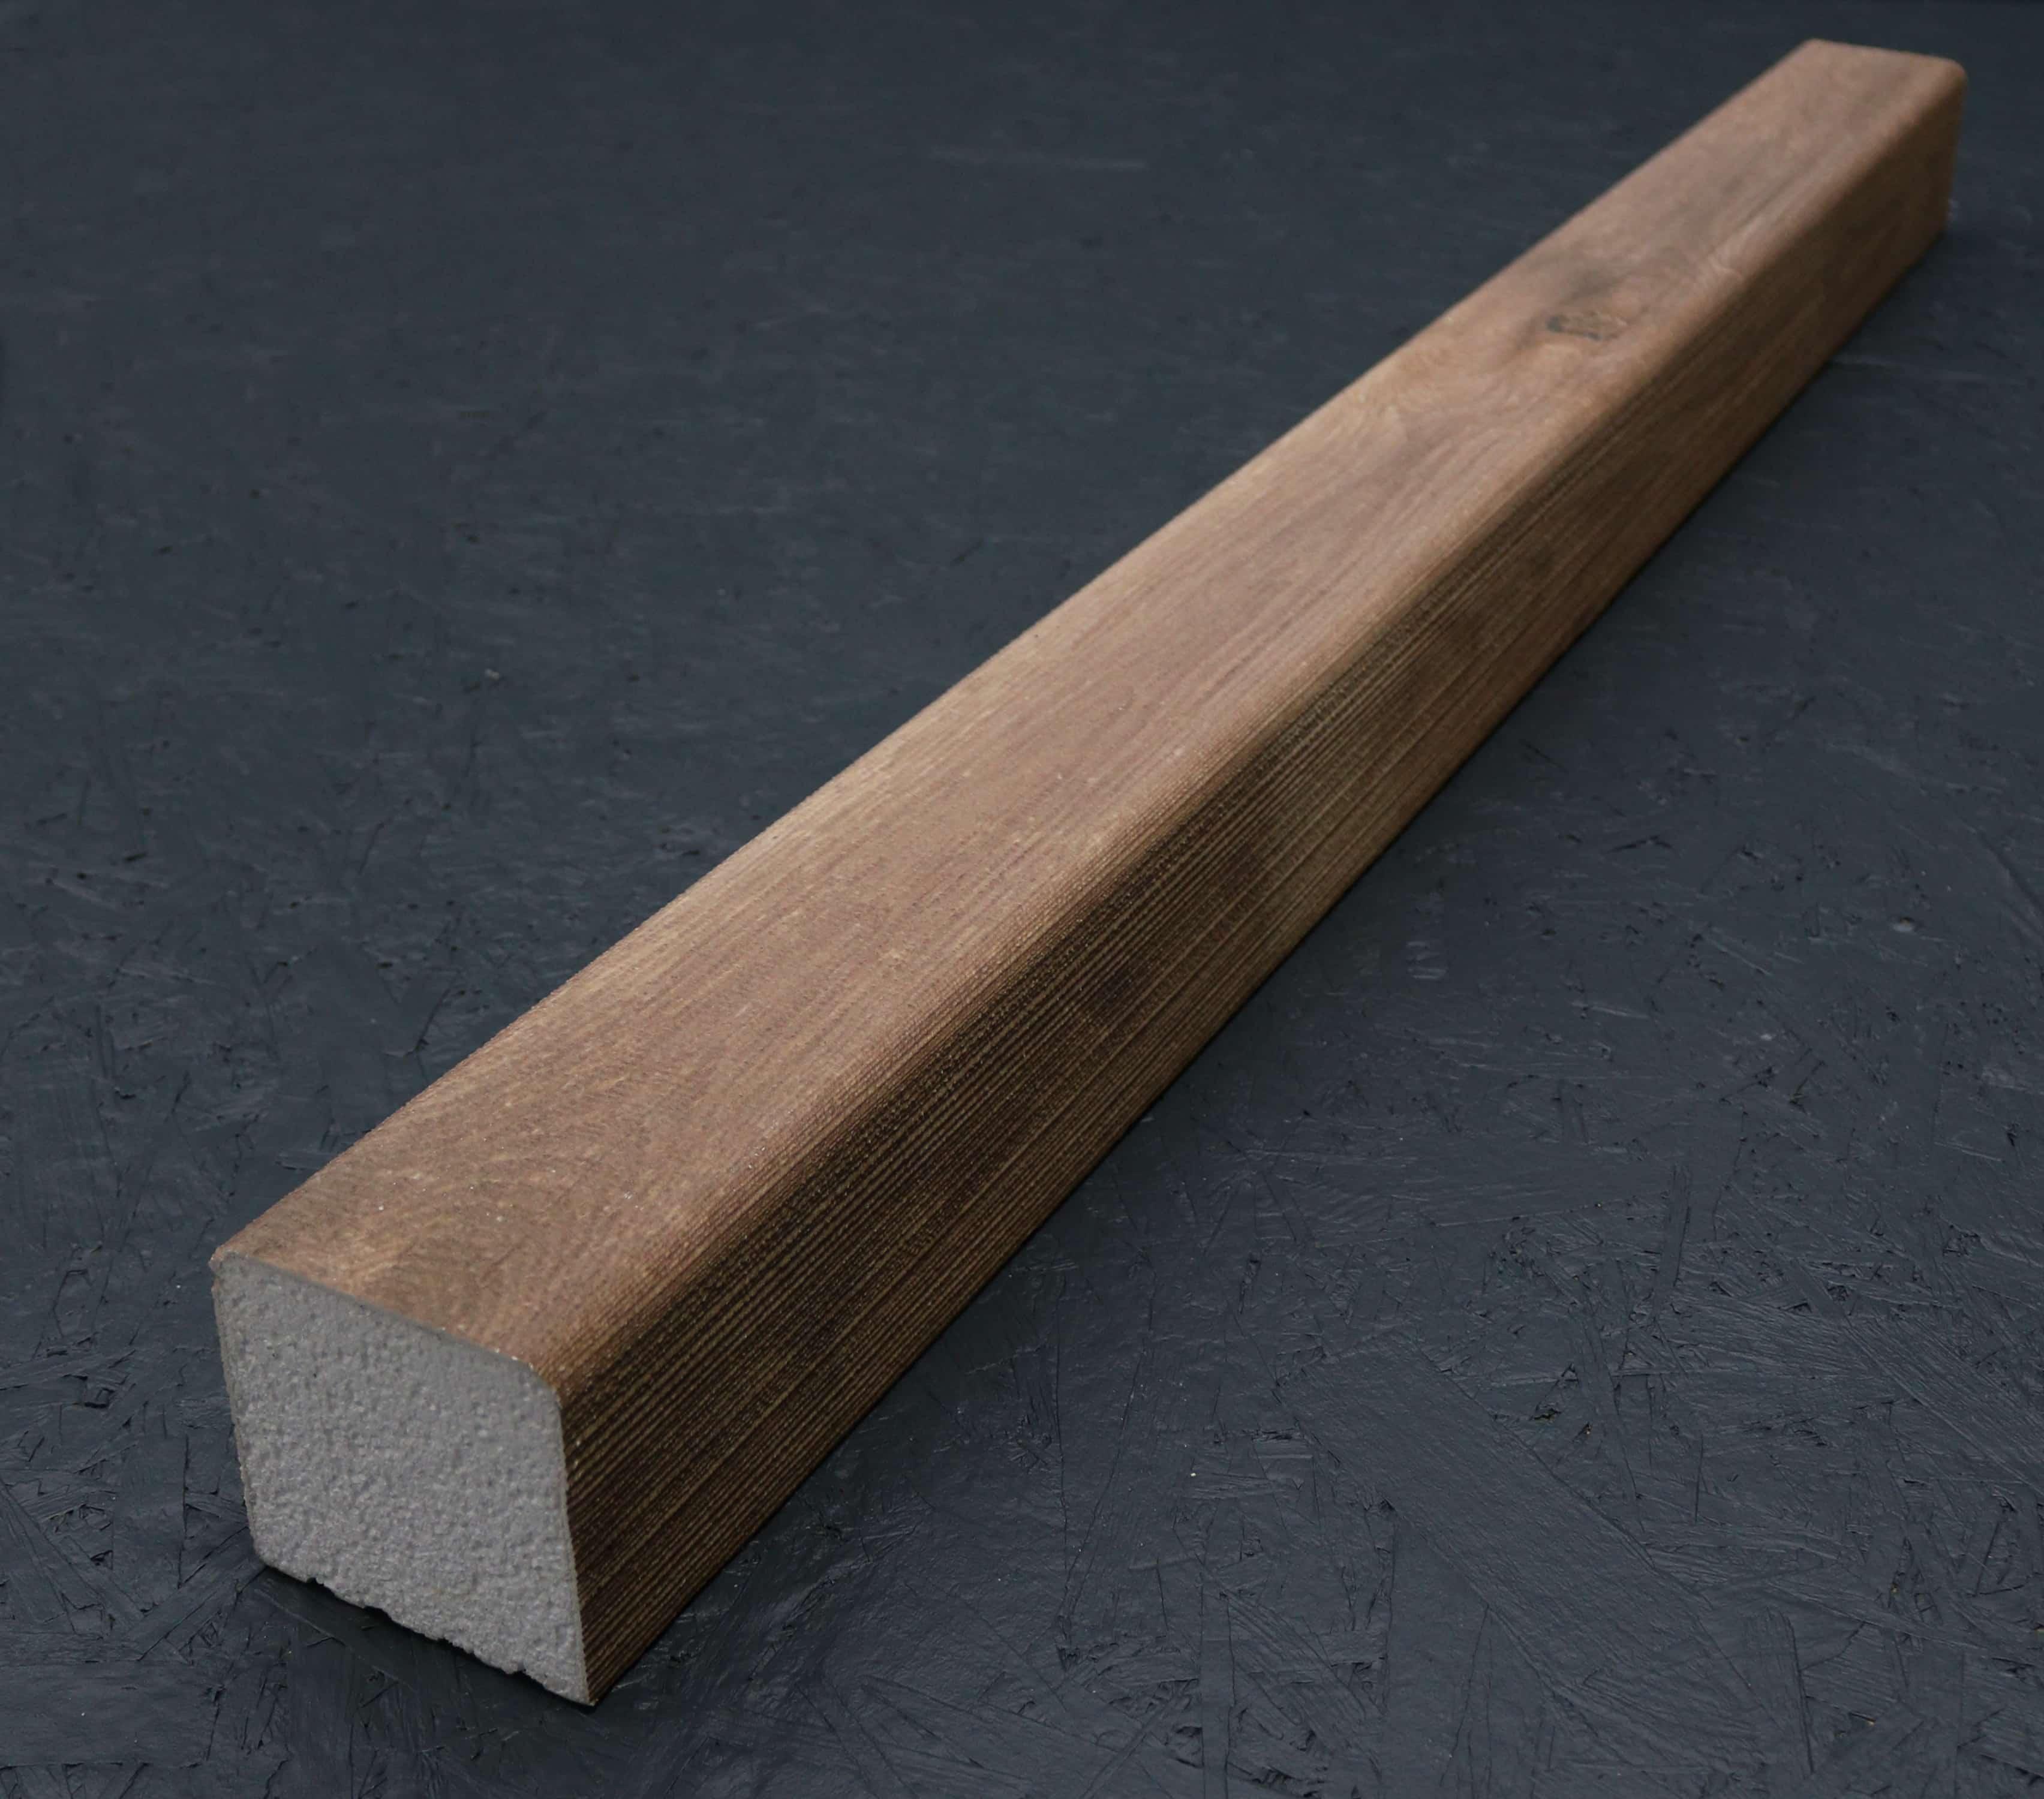 Kantholz/Holzpfosten Styropor Amsterdam 9cm x 9cm